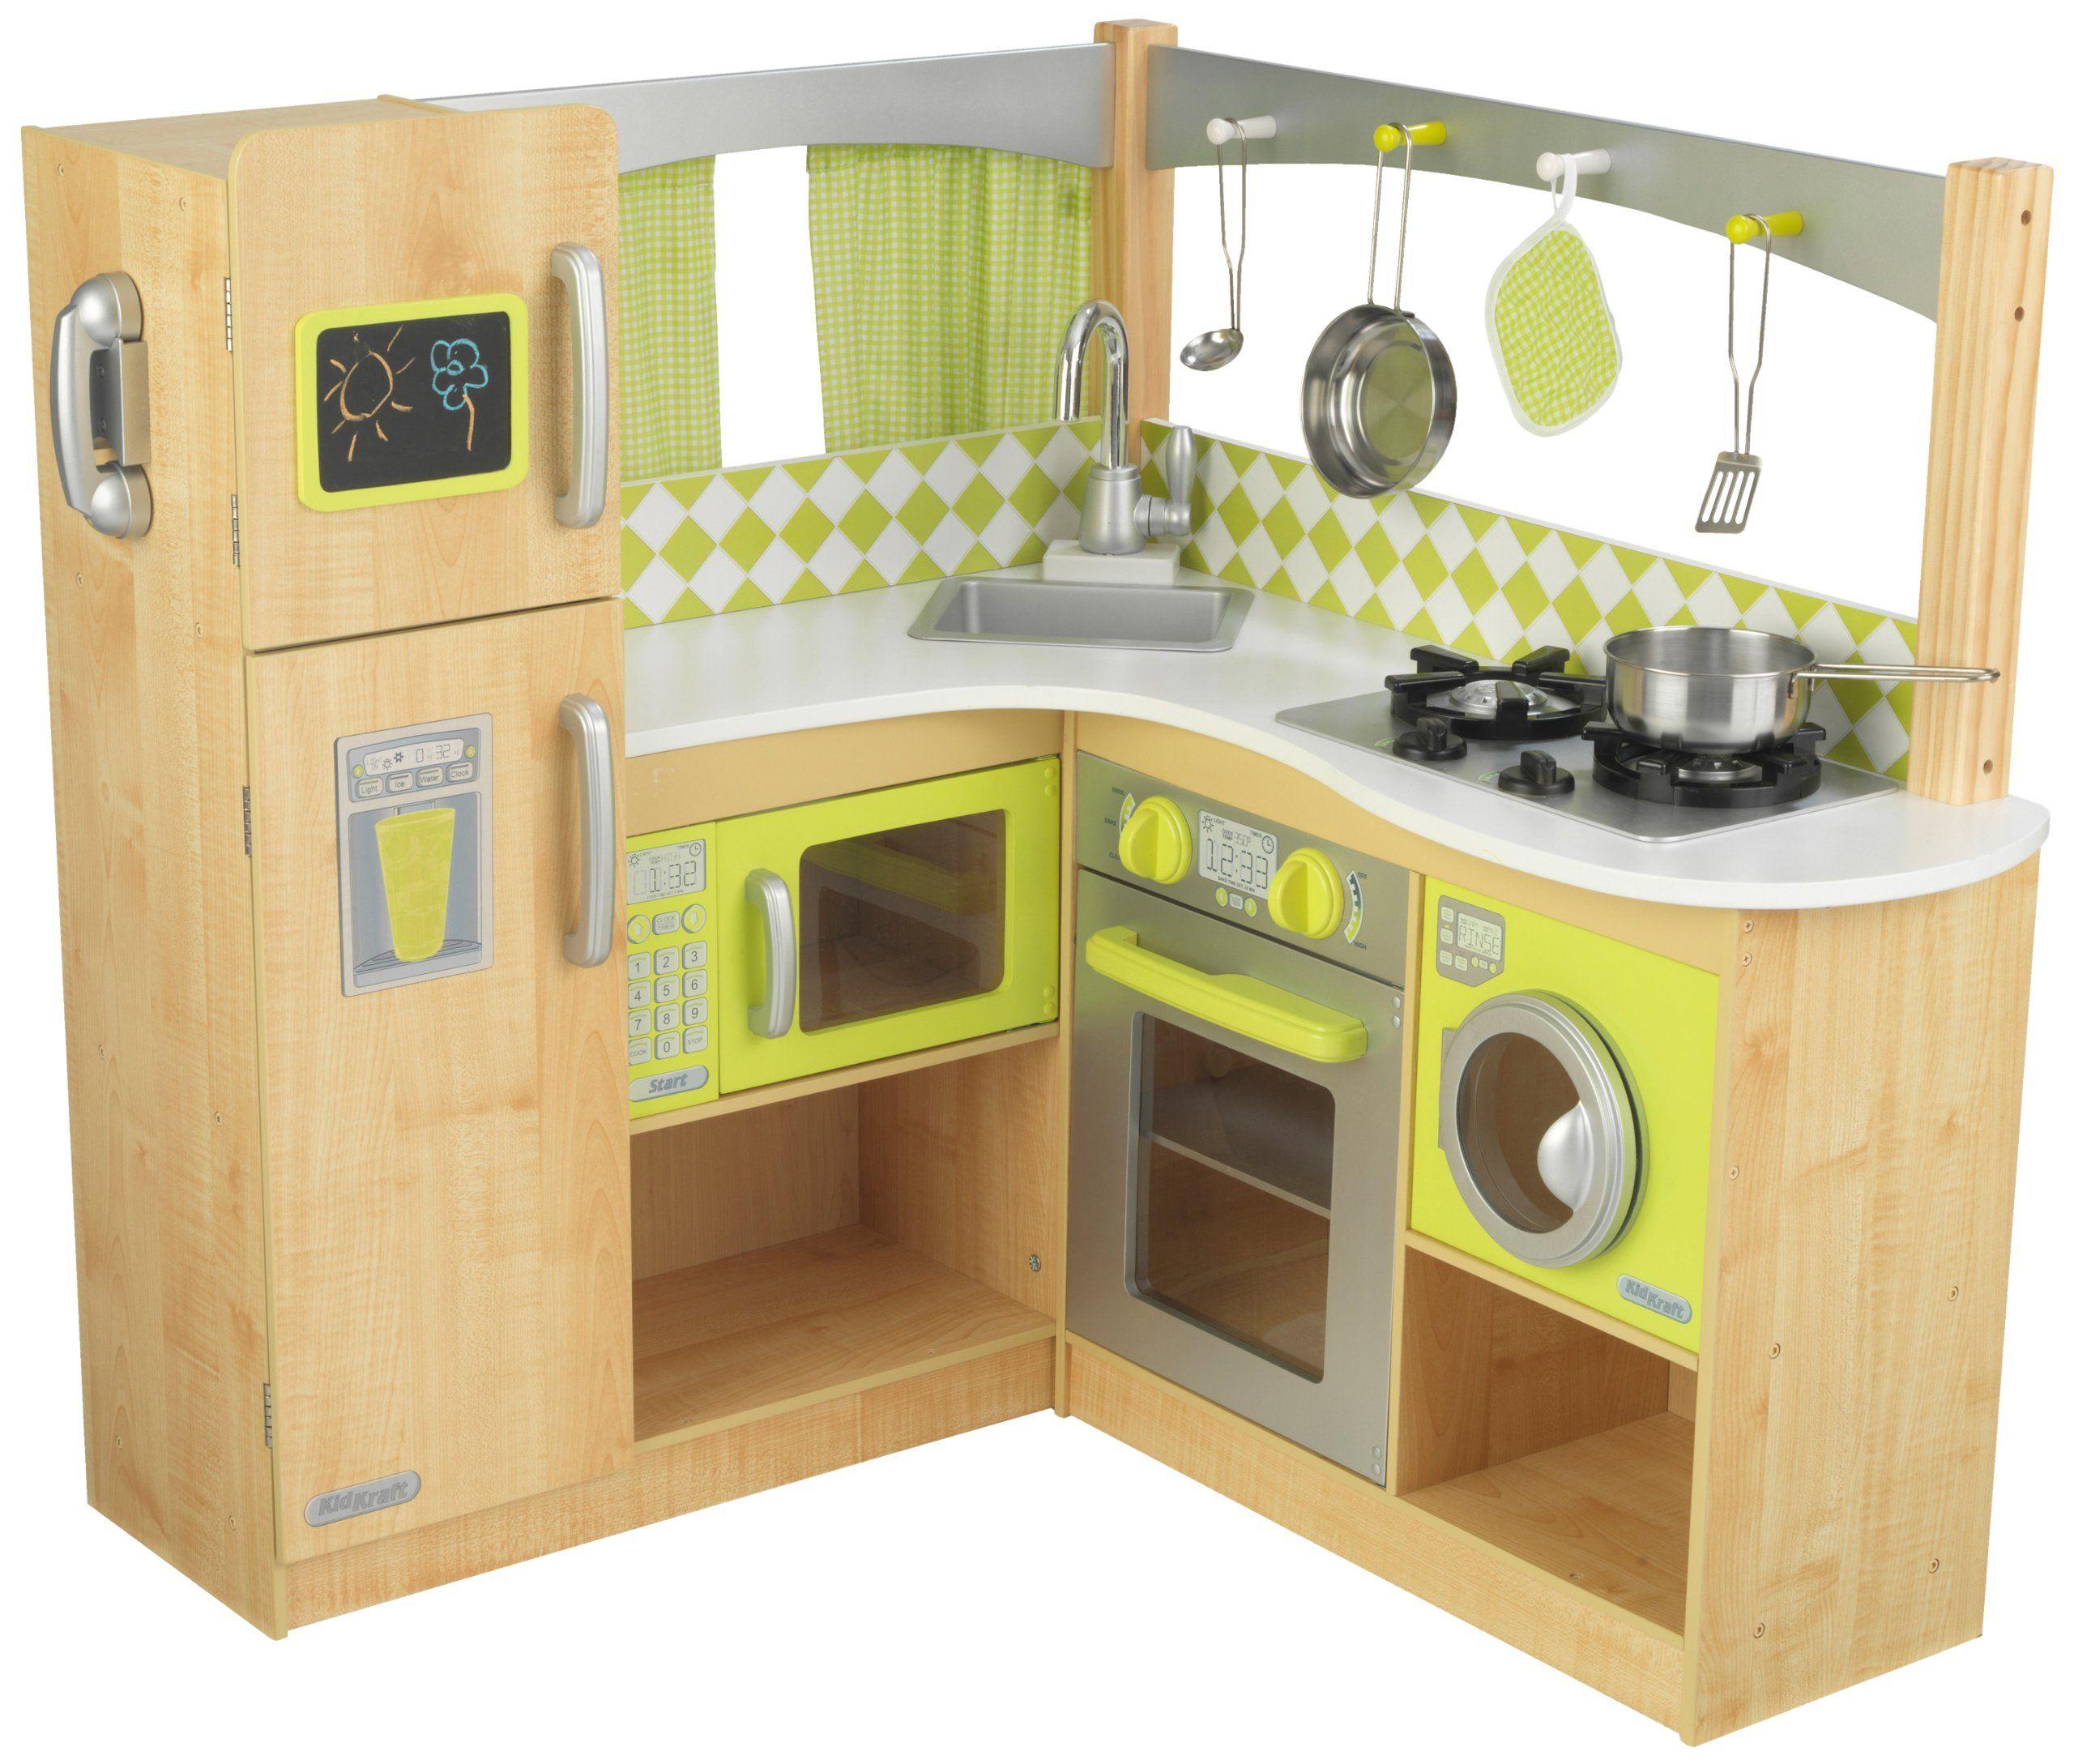 Kidkraft 53274 - Cocina Grand Gourmet para esquina - Lime | jugar ...